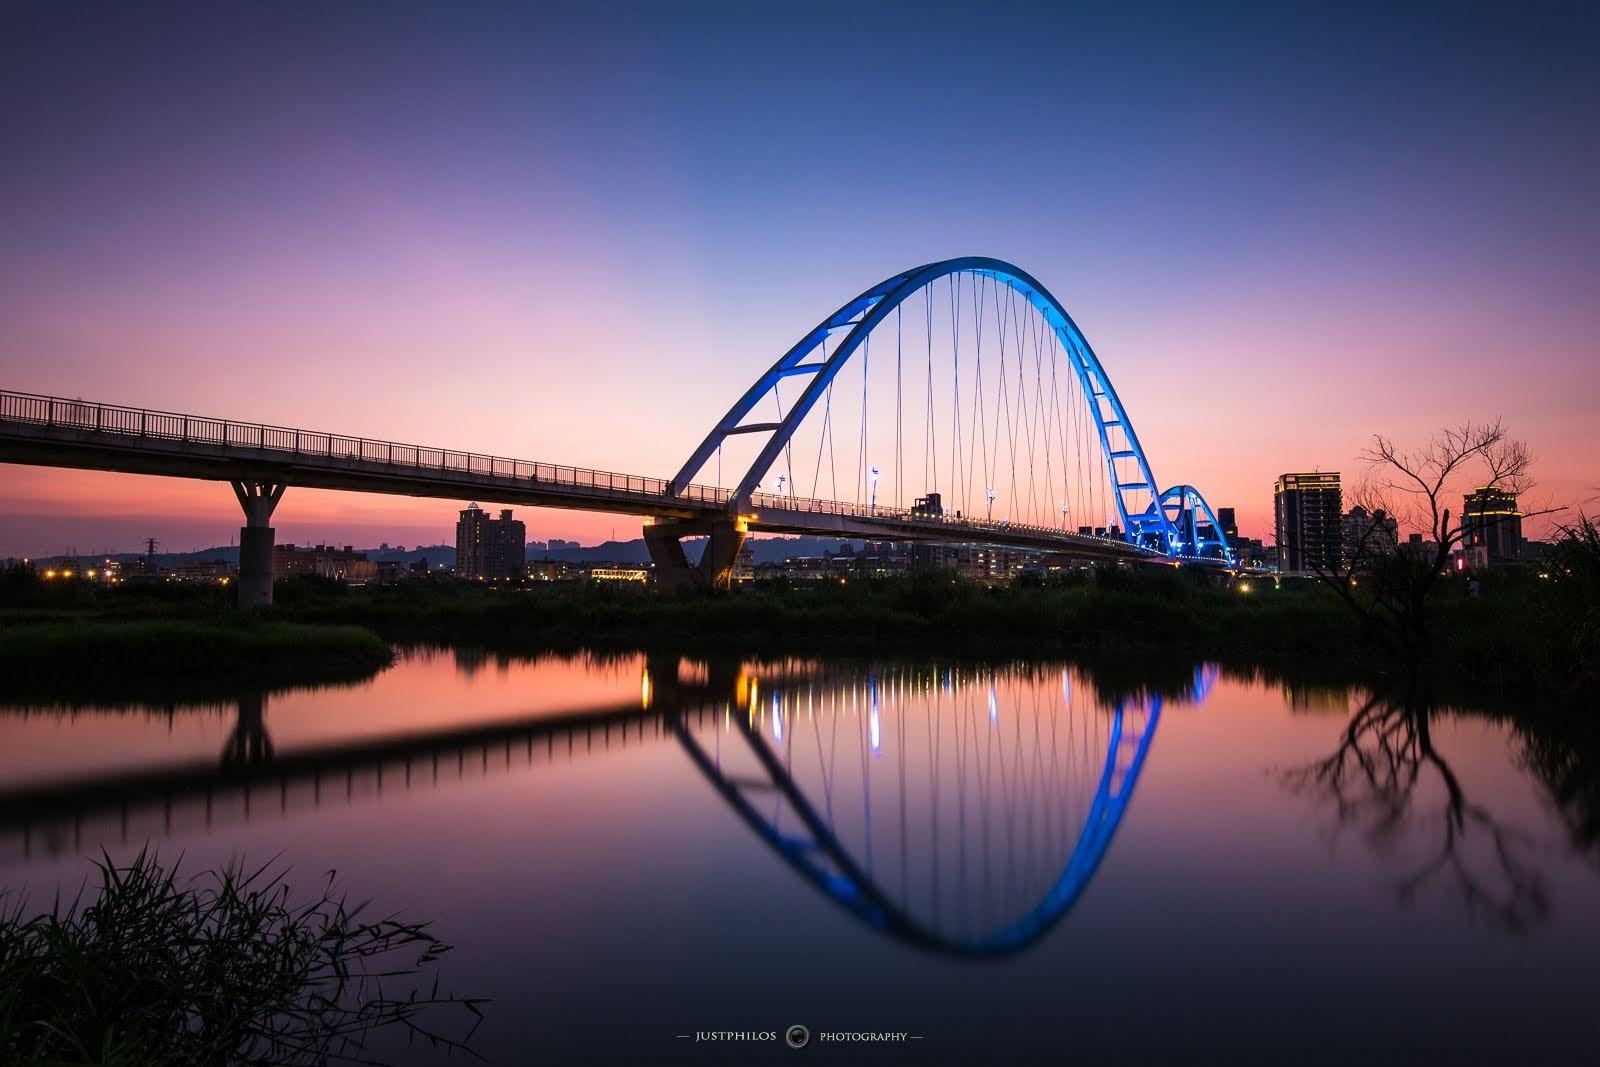 新月橋的日落時刻非常迷人。